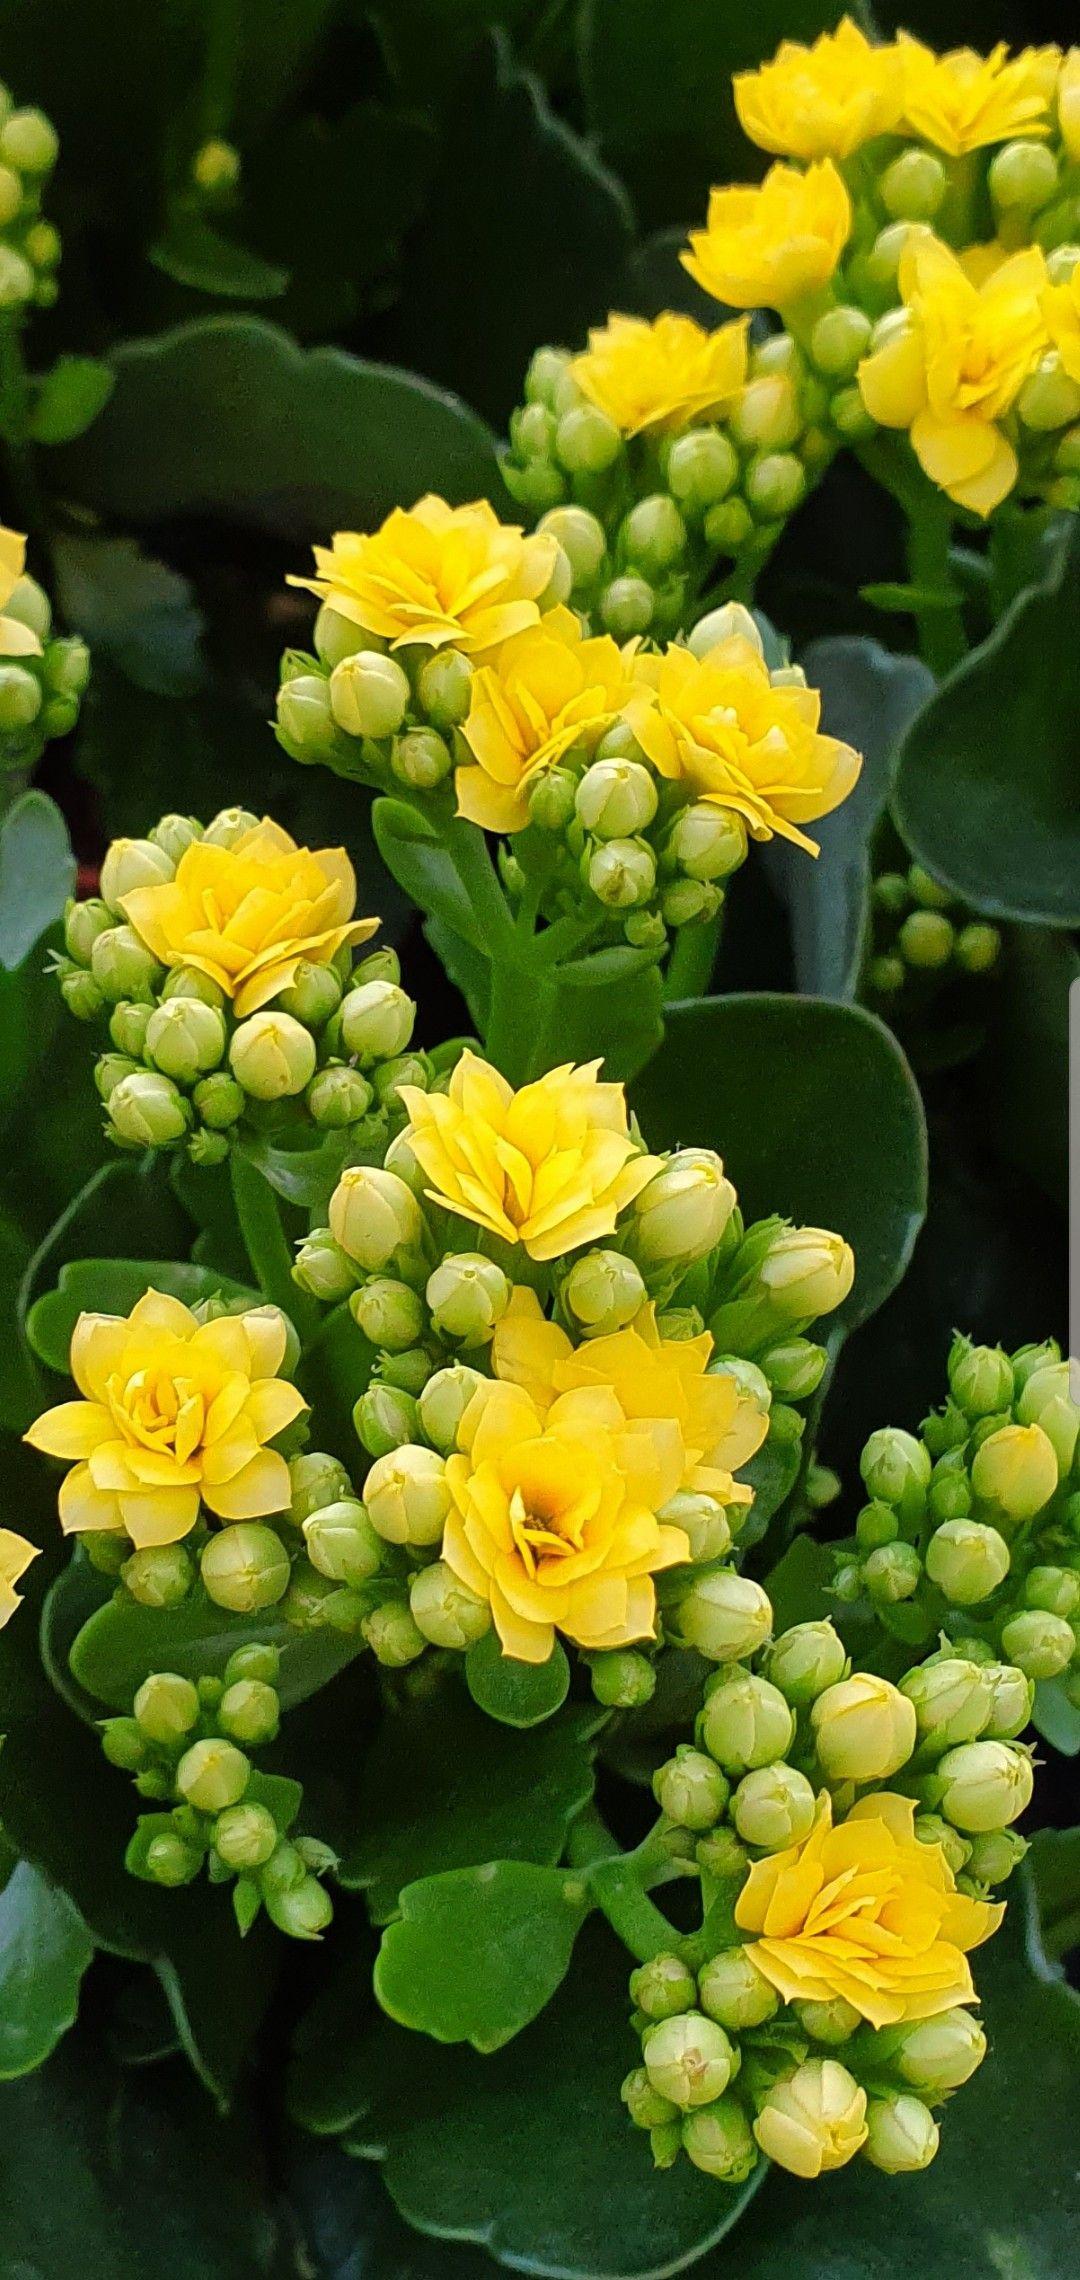 Trop Jolie Belles Fleurs Planter Des Fleurs Cadre Fleur